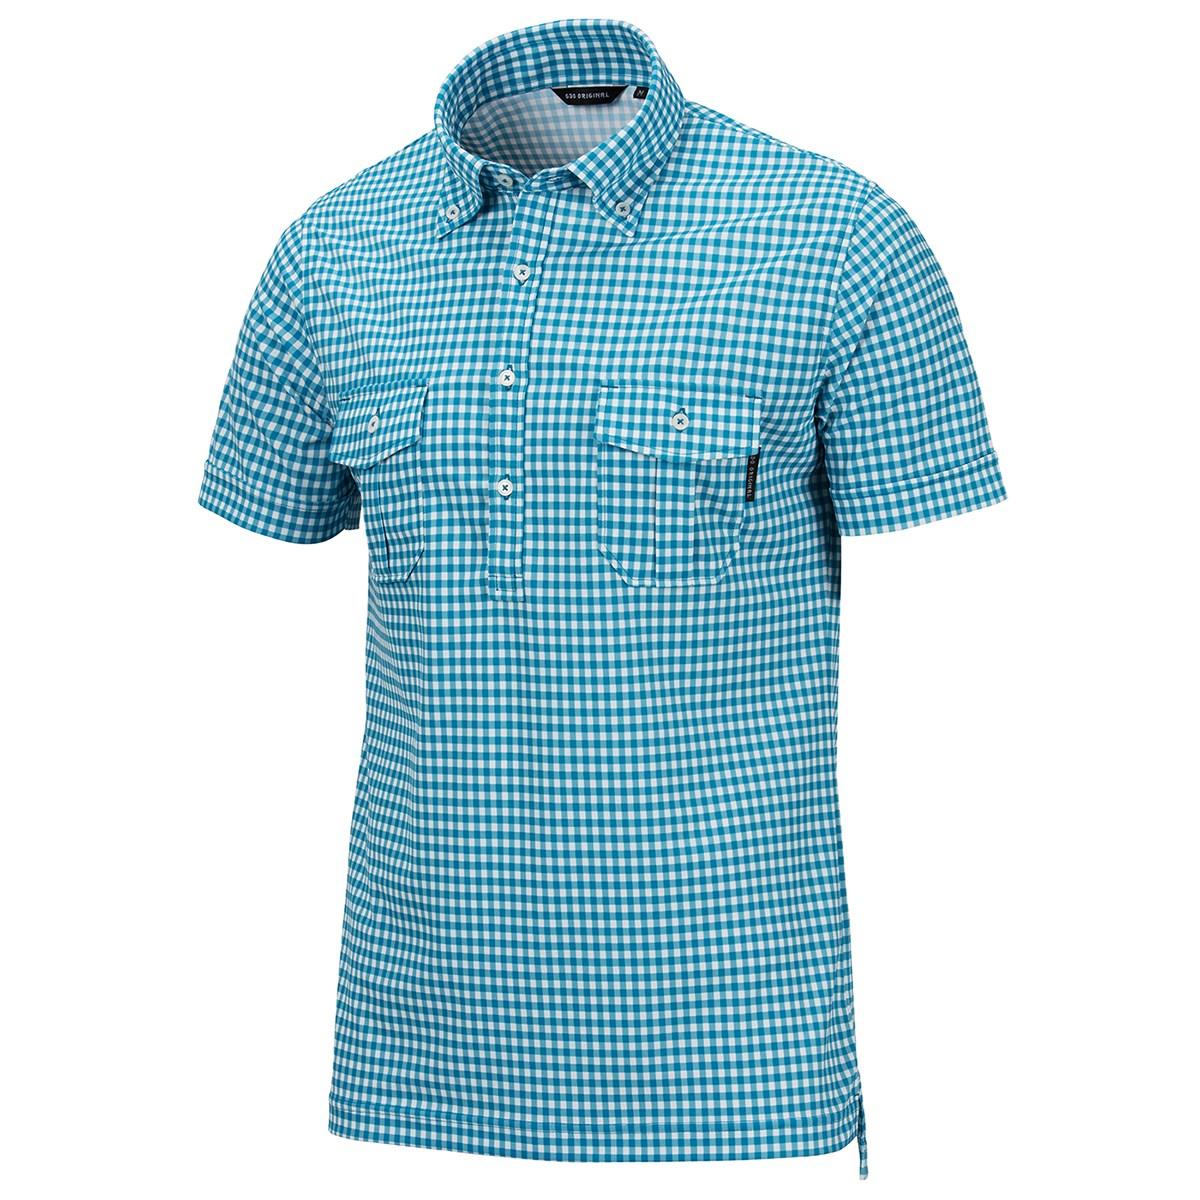 半袖Wポケットボタンダウンシャツ